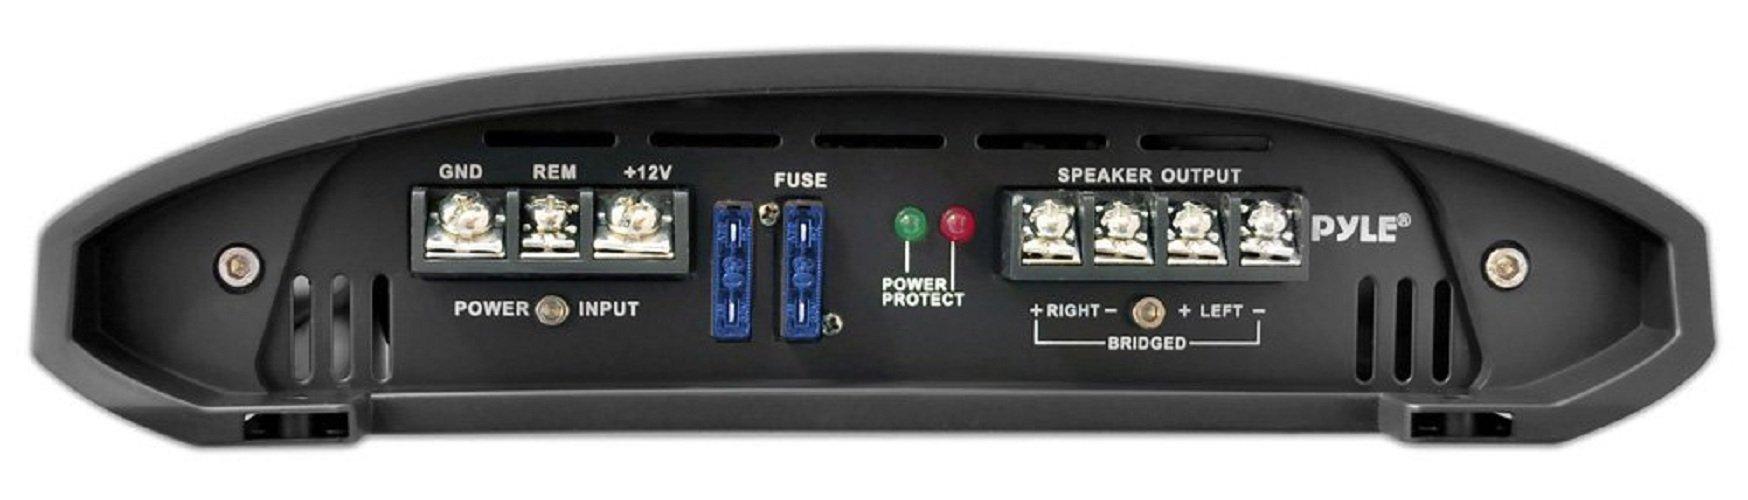 Pyle PLAM1600 1600 Watts 4 Channel Bridgeable Amplifier